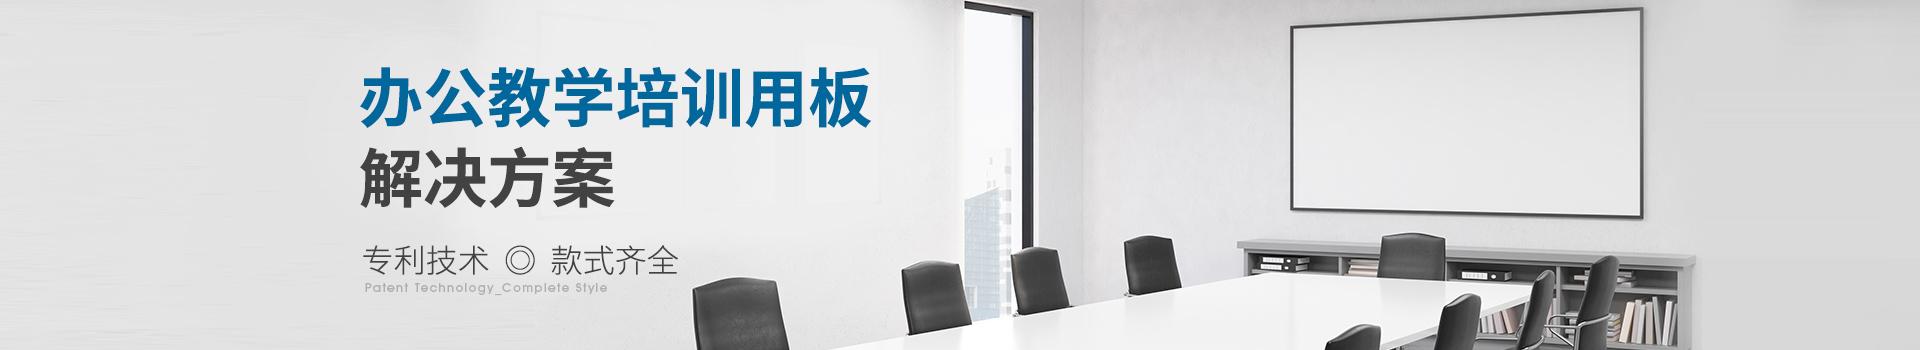 会议办公教学用板就选优雅乐